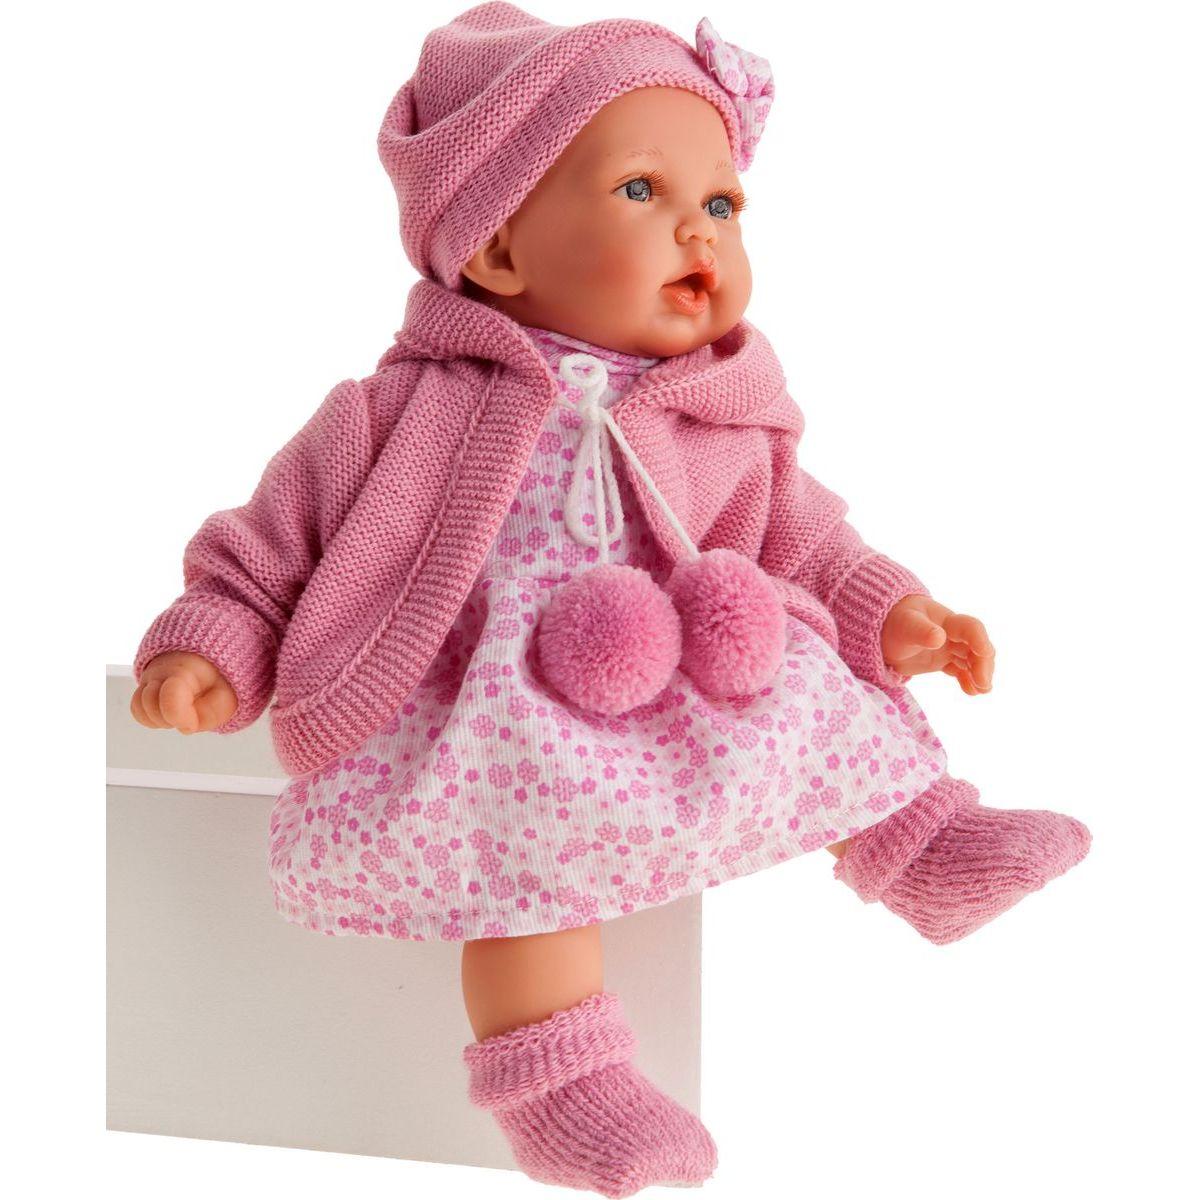 Antonio Juan 1222 Petit realistická panenka se zvuky a měkkým látkovým tělem 27 cm